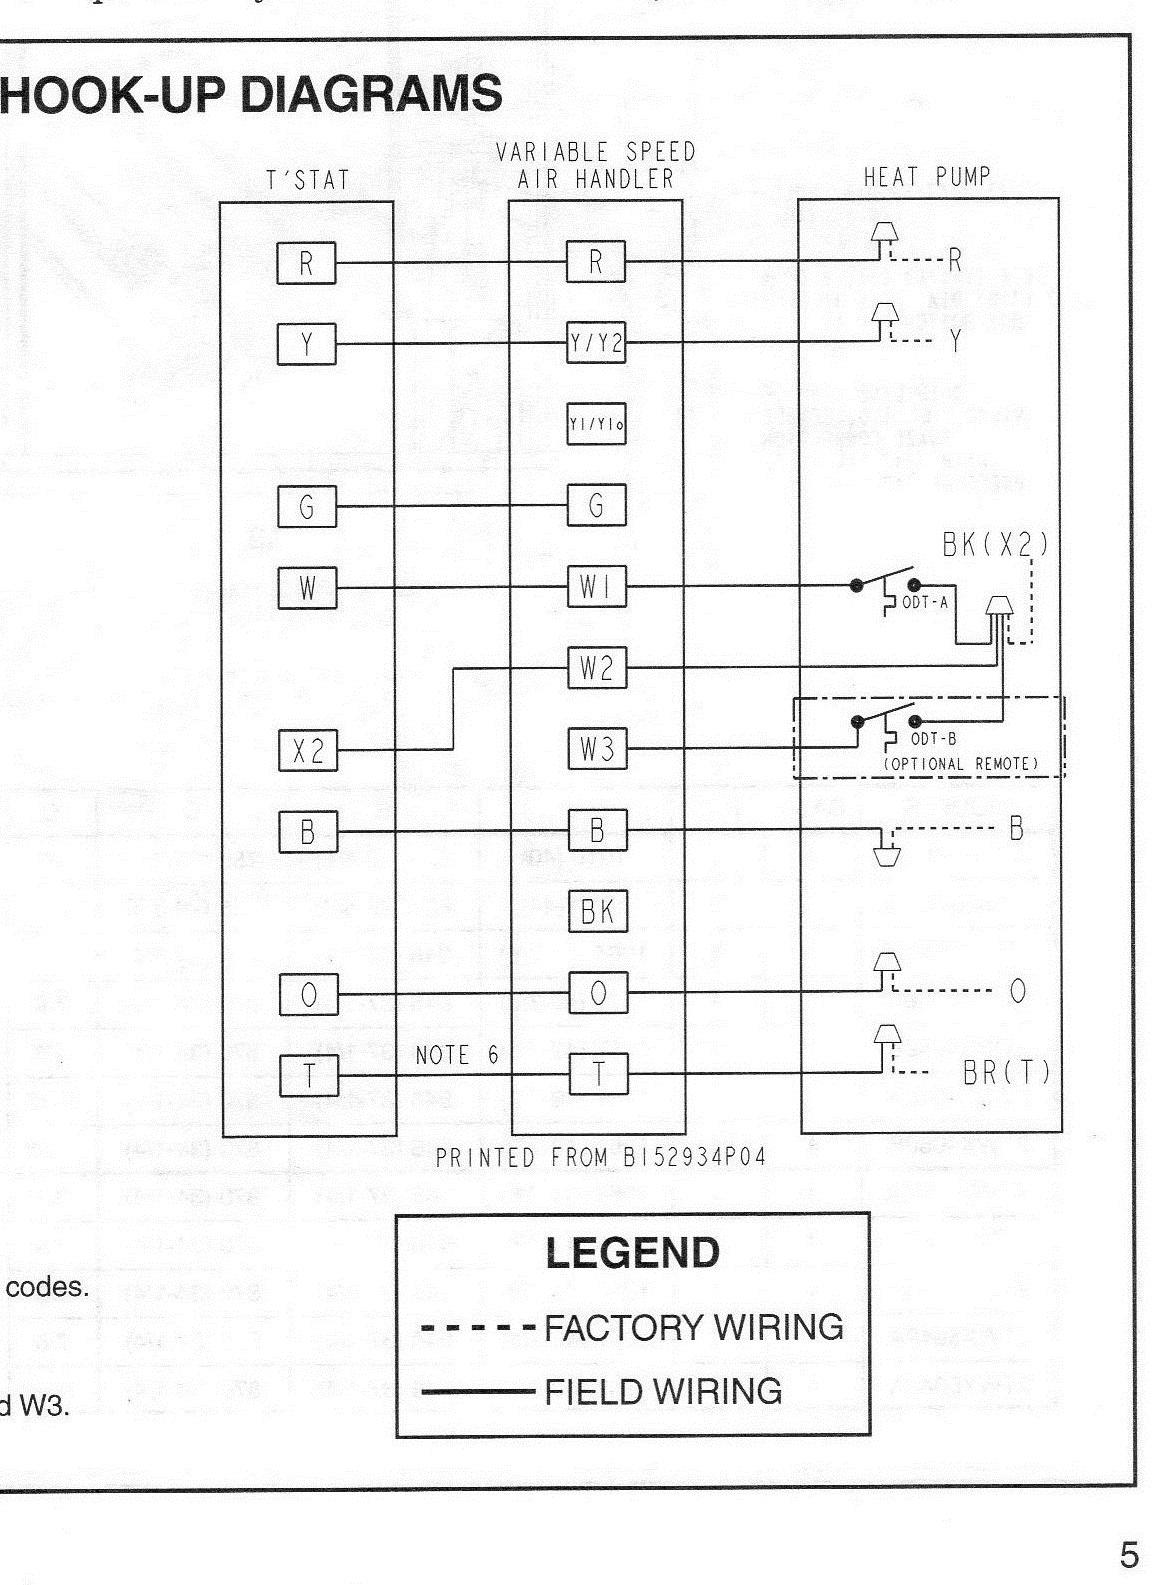 Tbe Inverter Wiring Diagram 300w Images For Desktophddesignwall3dga